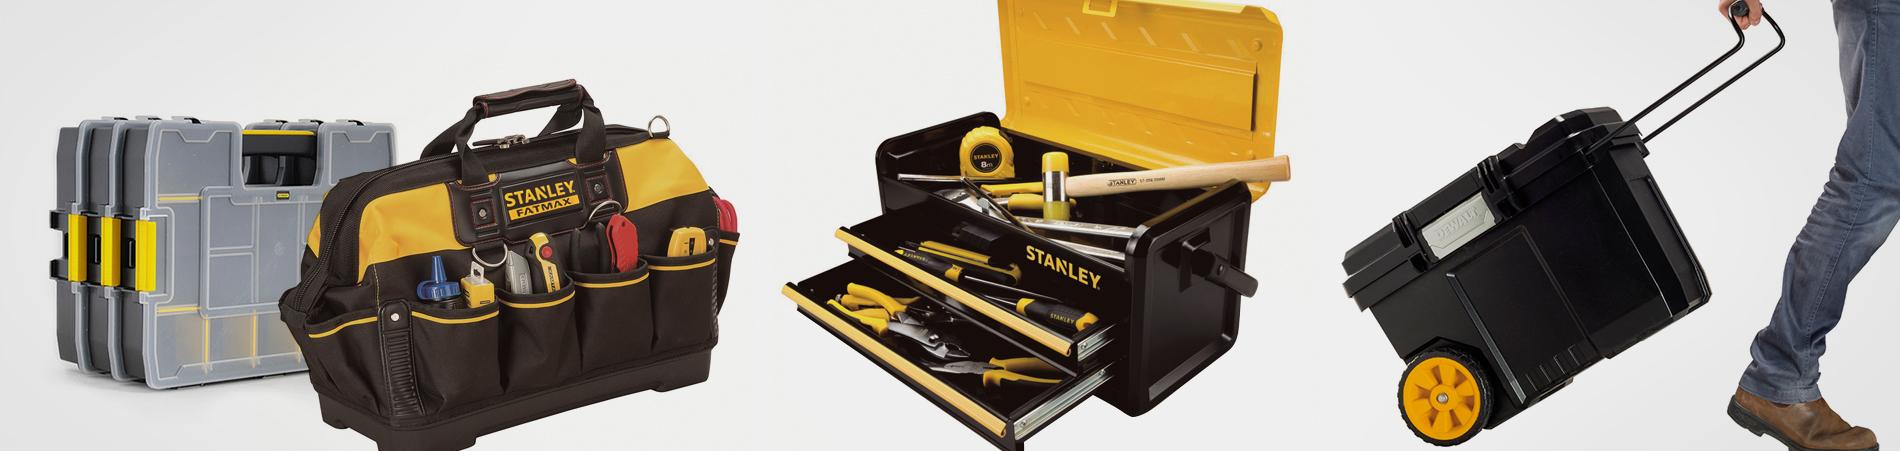 Cajas de herramientas, carretillas y escaleras